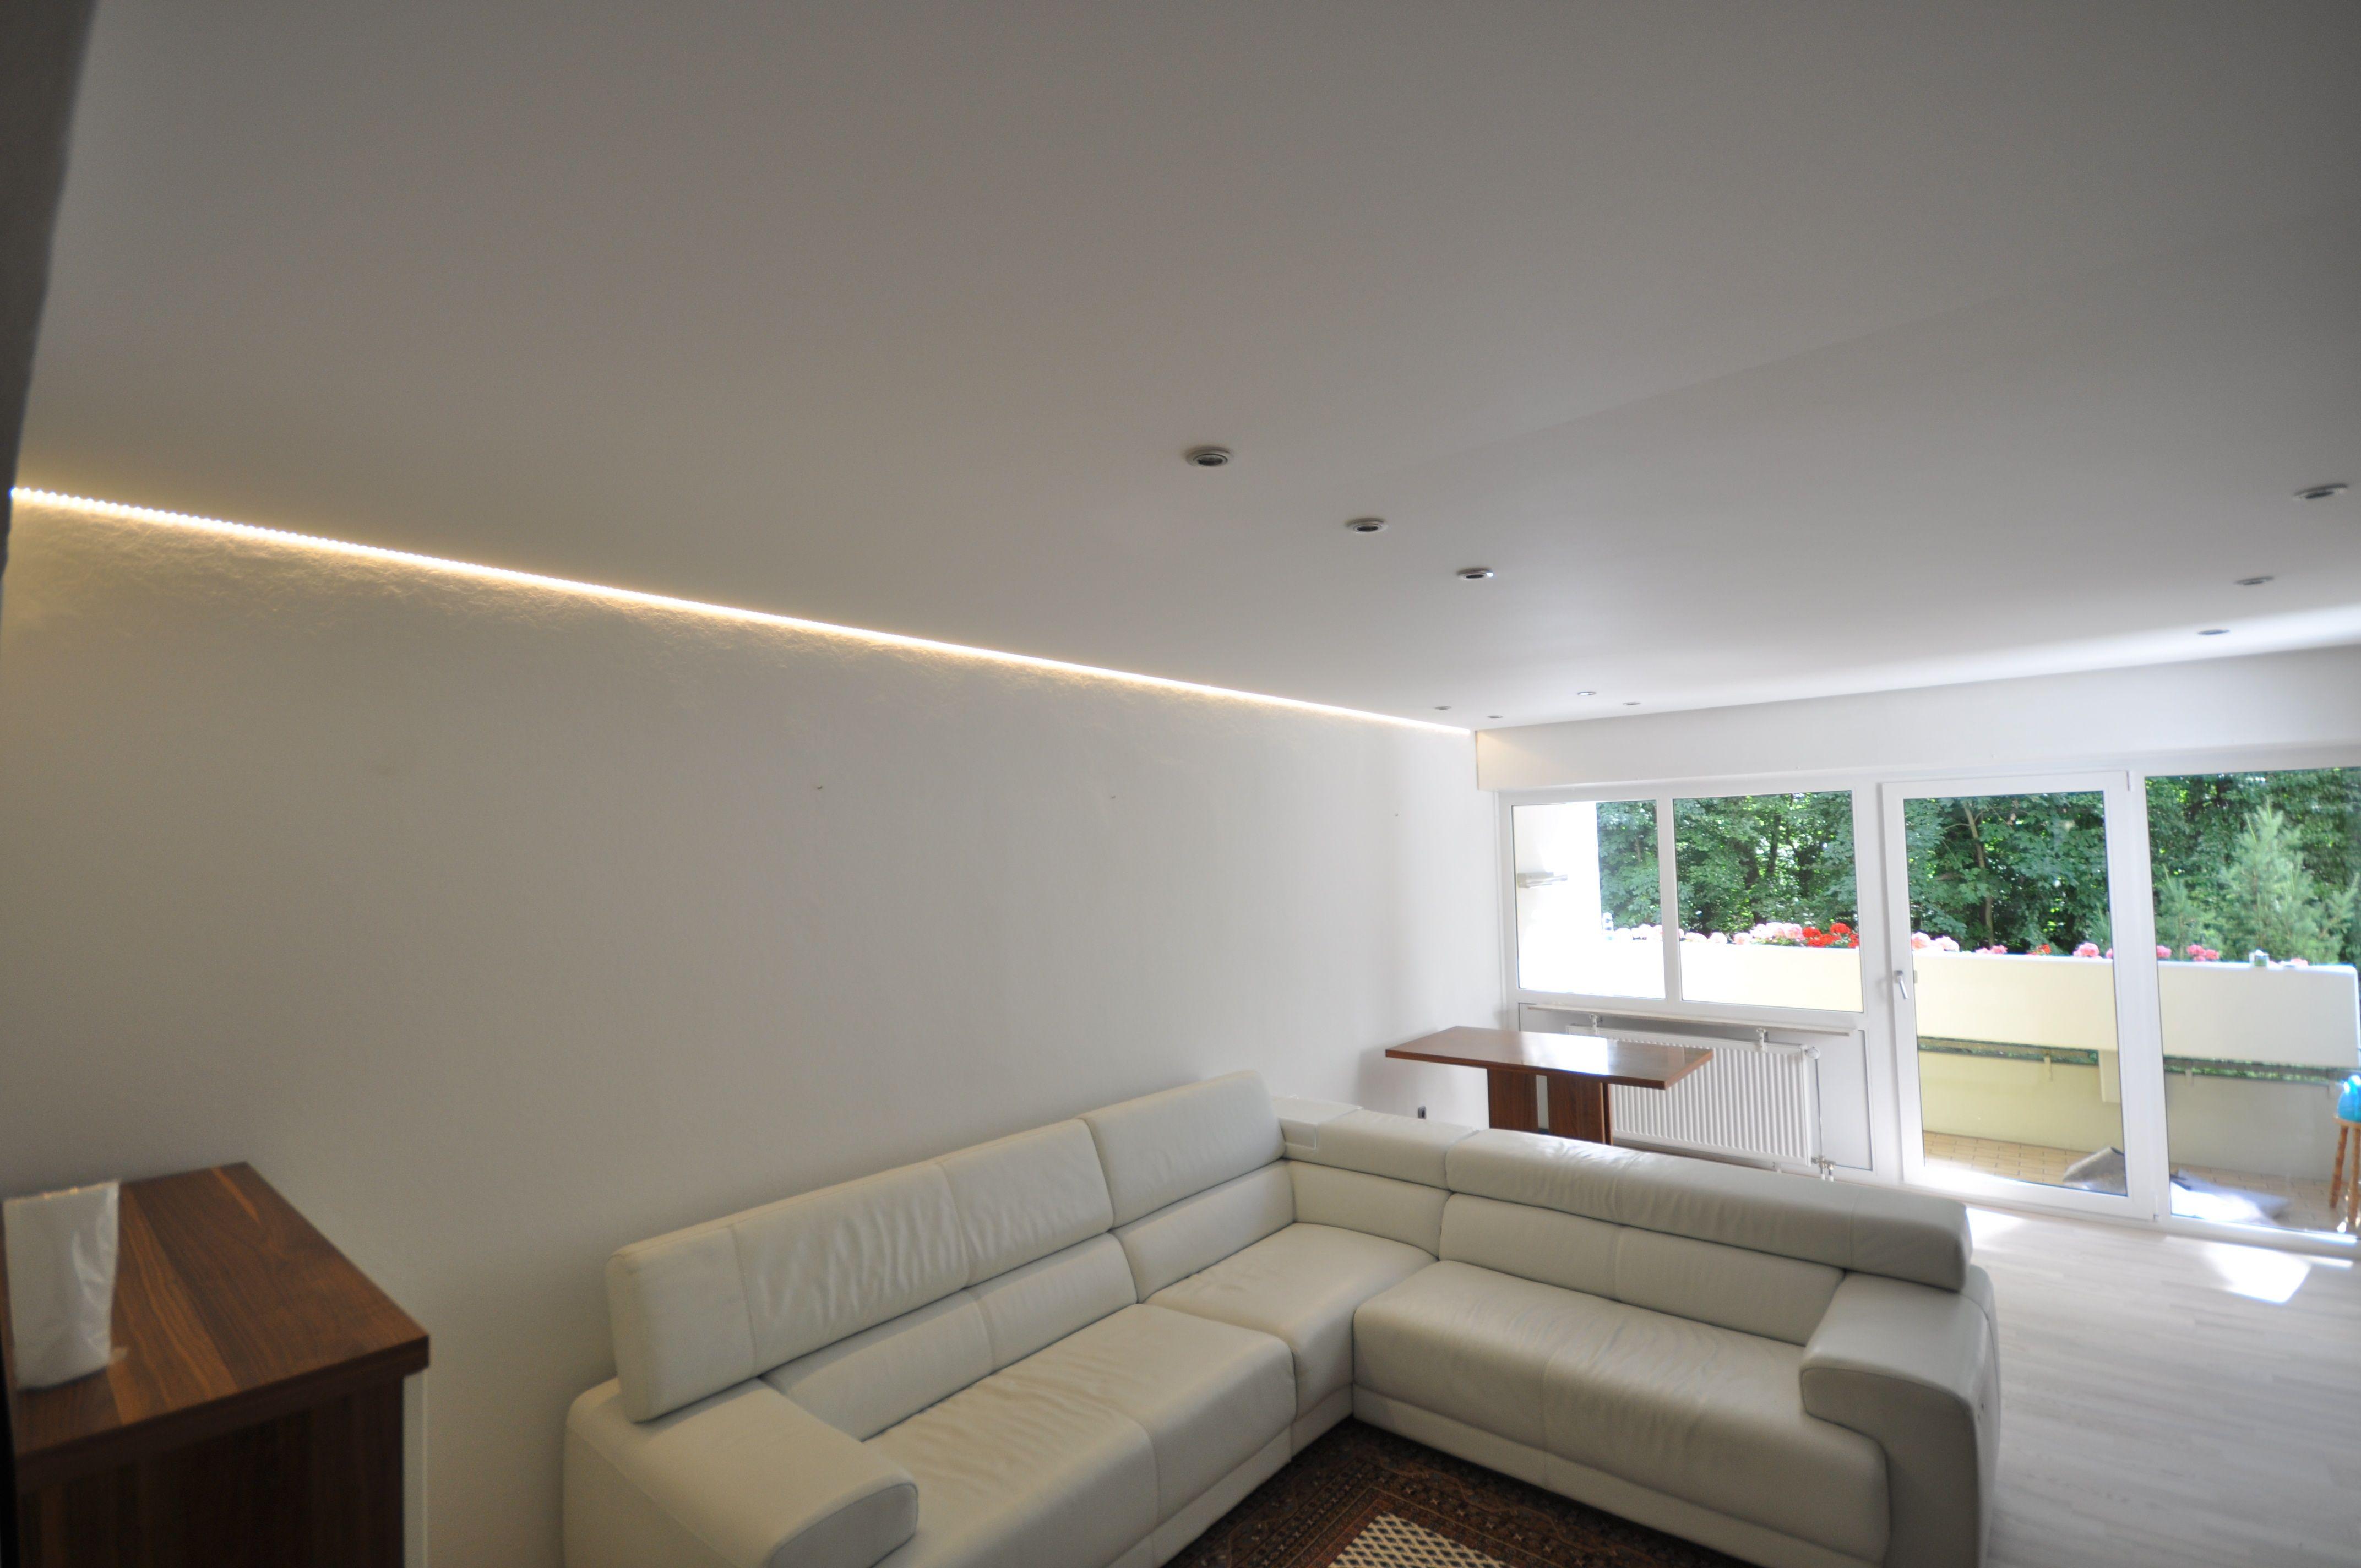 Spanndecken in matt wei mit LED Einbaustrahlern und LED Band in der Schattenfuge spanndecke